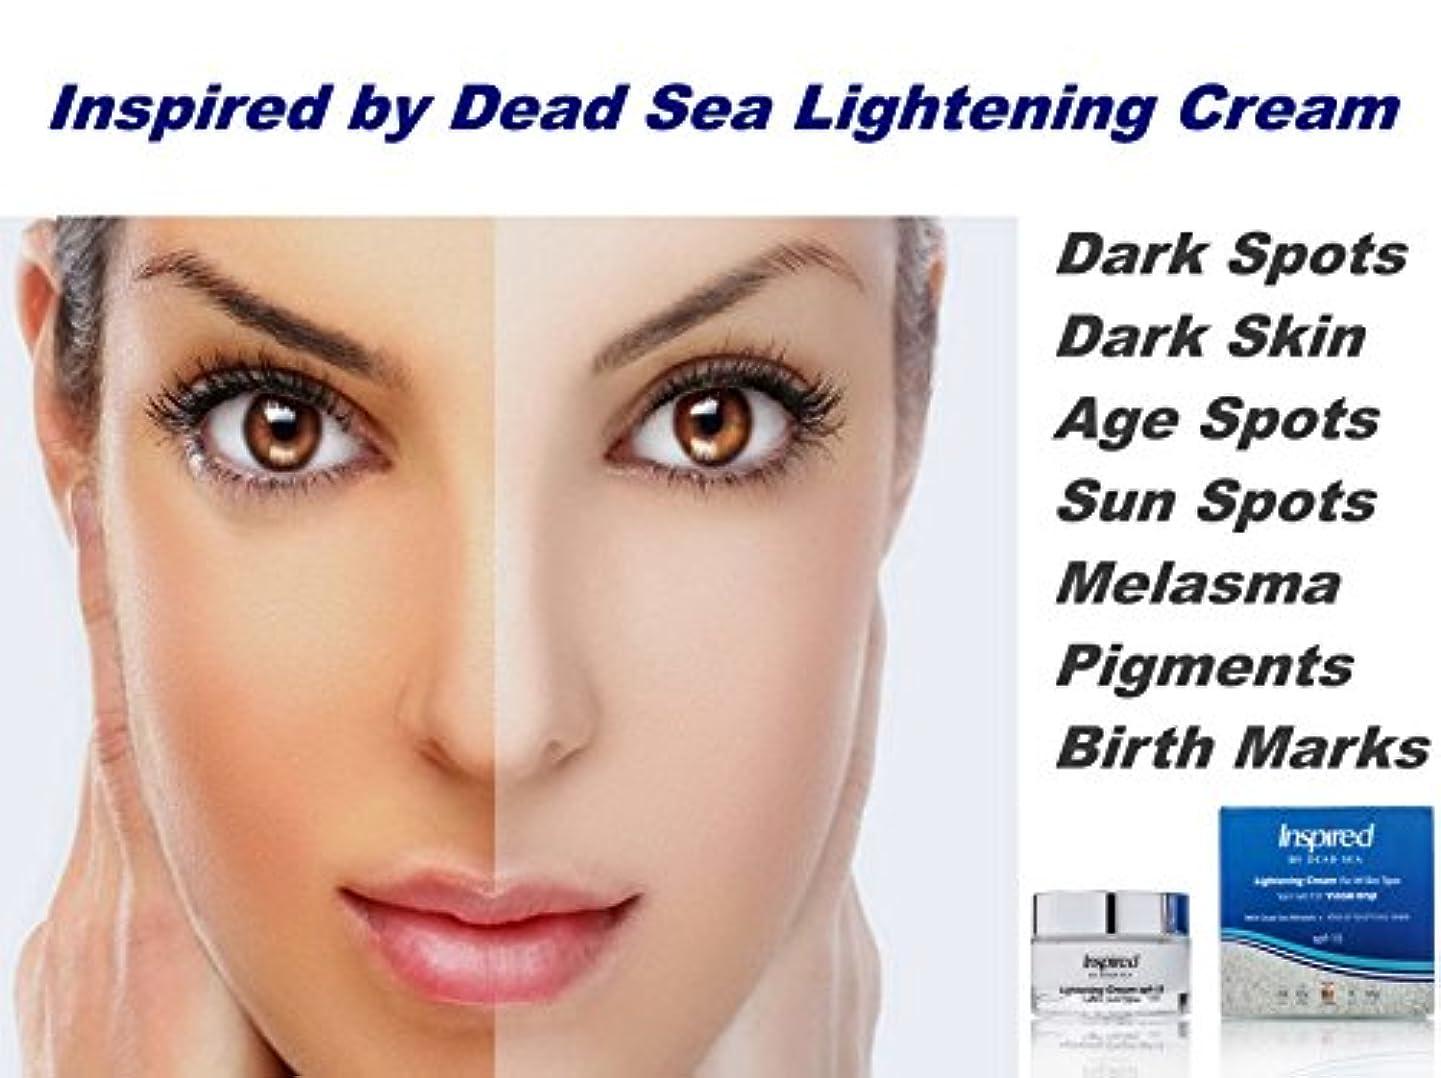 ピカソ兄弟愛明確にInspired by Dead Sea Lightening Bleaching Whitening Brightening Cream Best Treatment for Dark Skin,Discoloration,Freckles,Melasma,Pigmentation Reducing,Birth Marks,Age & Sun Spots デッドシーライトニングブリーチングホワイトニングブライトニングクリームにインスパイアされた、ダークスキン、変色、しわ、黒ずみ、色素沈着の減少、母斑、年齢、および日焼けに最適なトリートメント 50ml